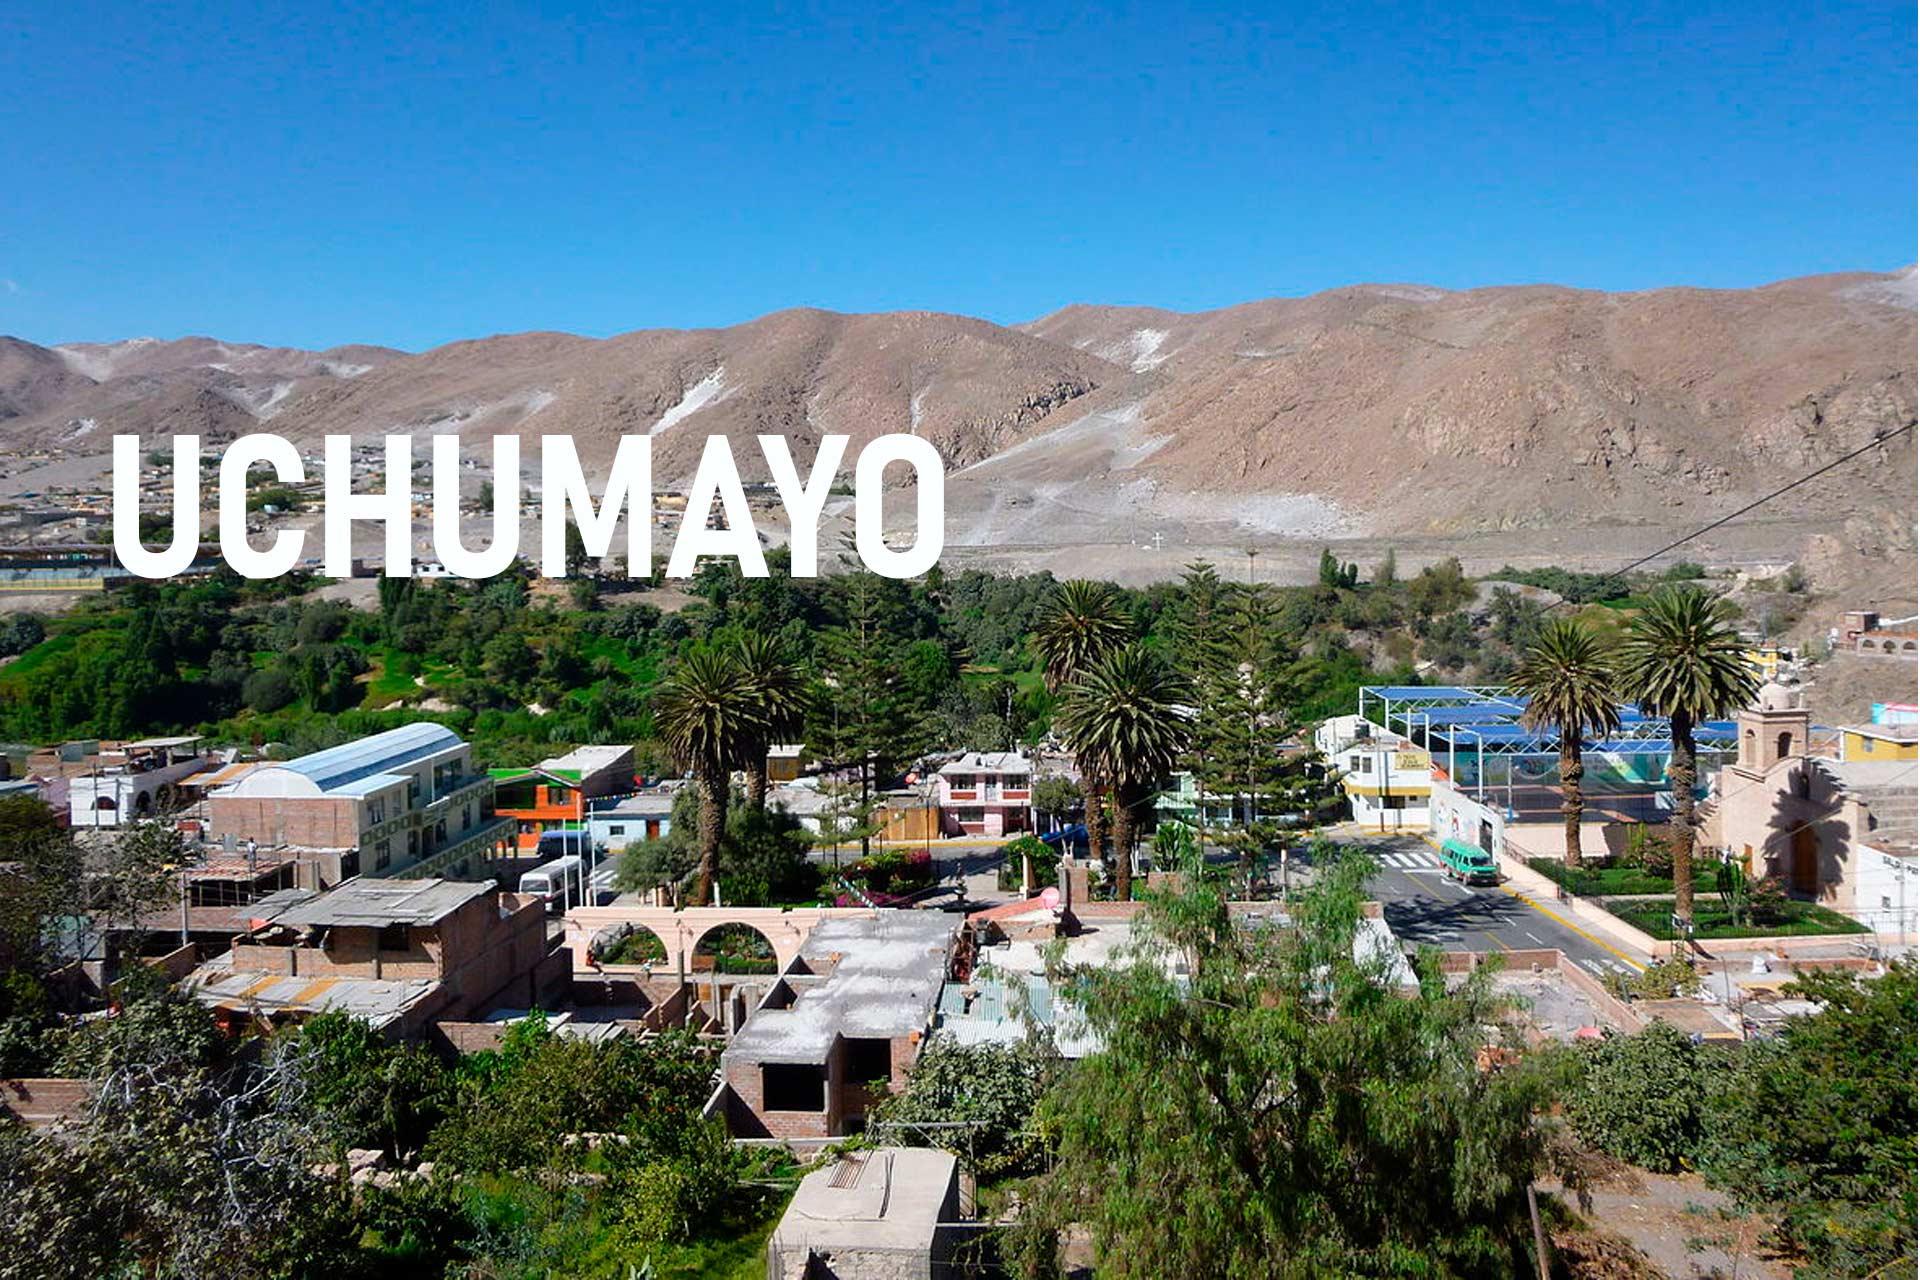 inmobiliarias en uchumayo